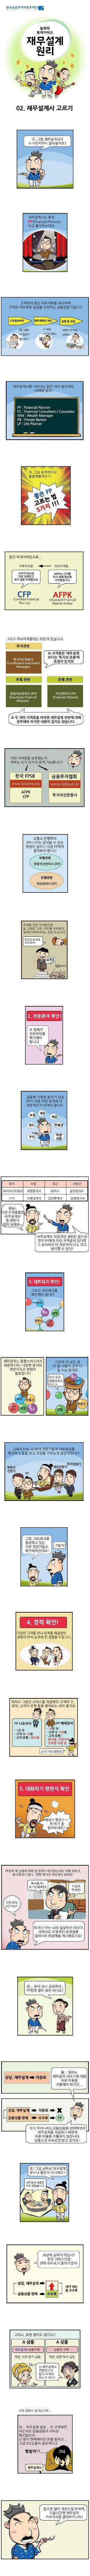 [생생금융정보통] '놀부의 투자 가이드 : 재무설계 원리 2. 재무설계사 고르기'